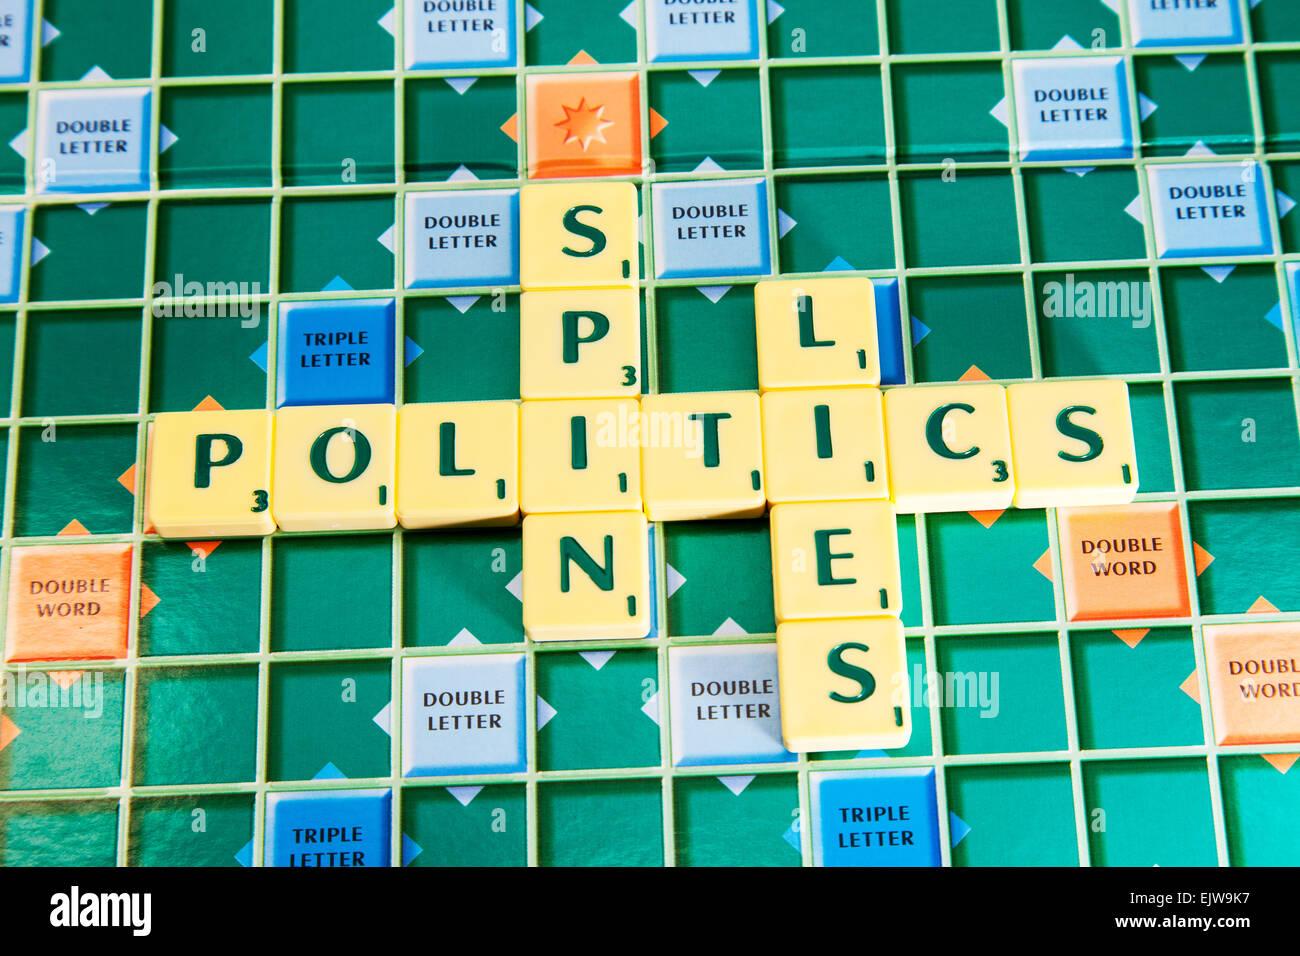 La política se encuentra spin elección gobierno manifiesto político políticos manifiestos palabras Imagen De Stock